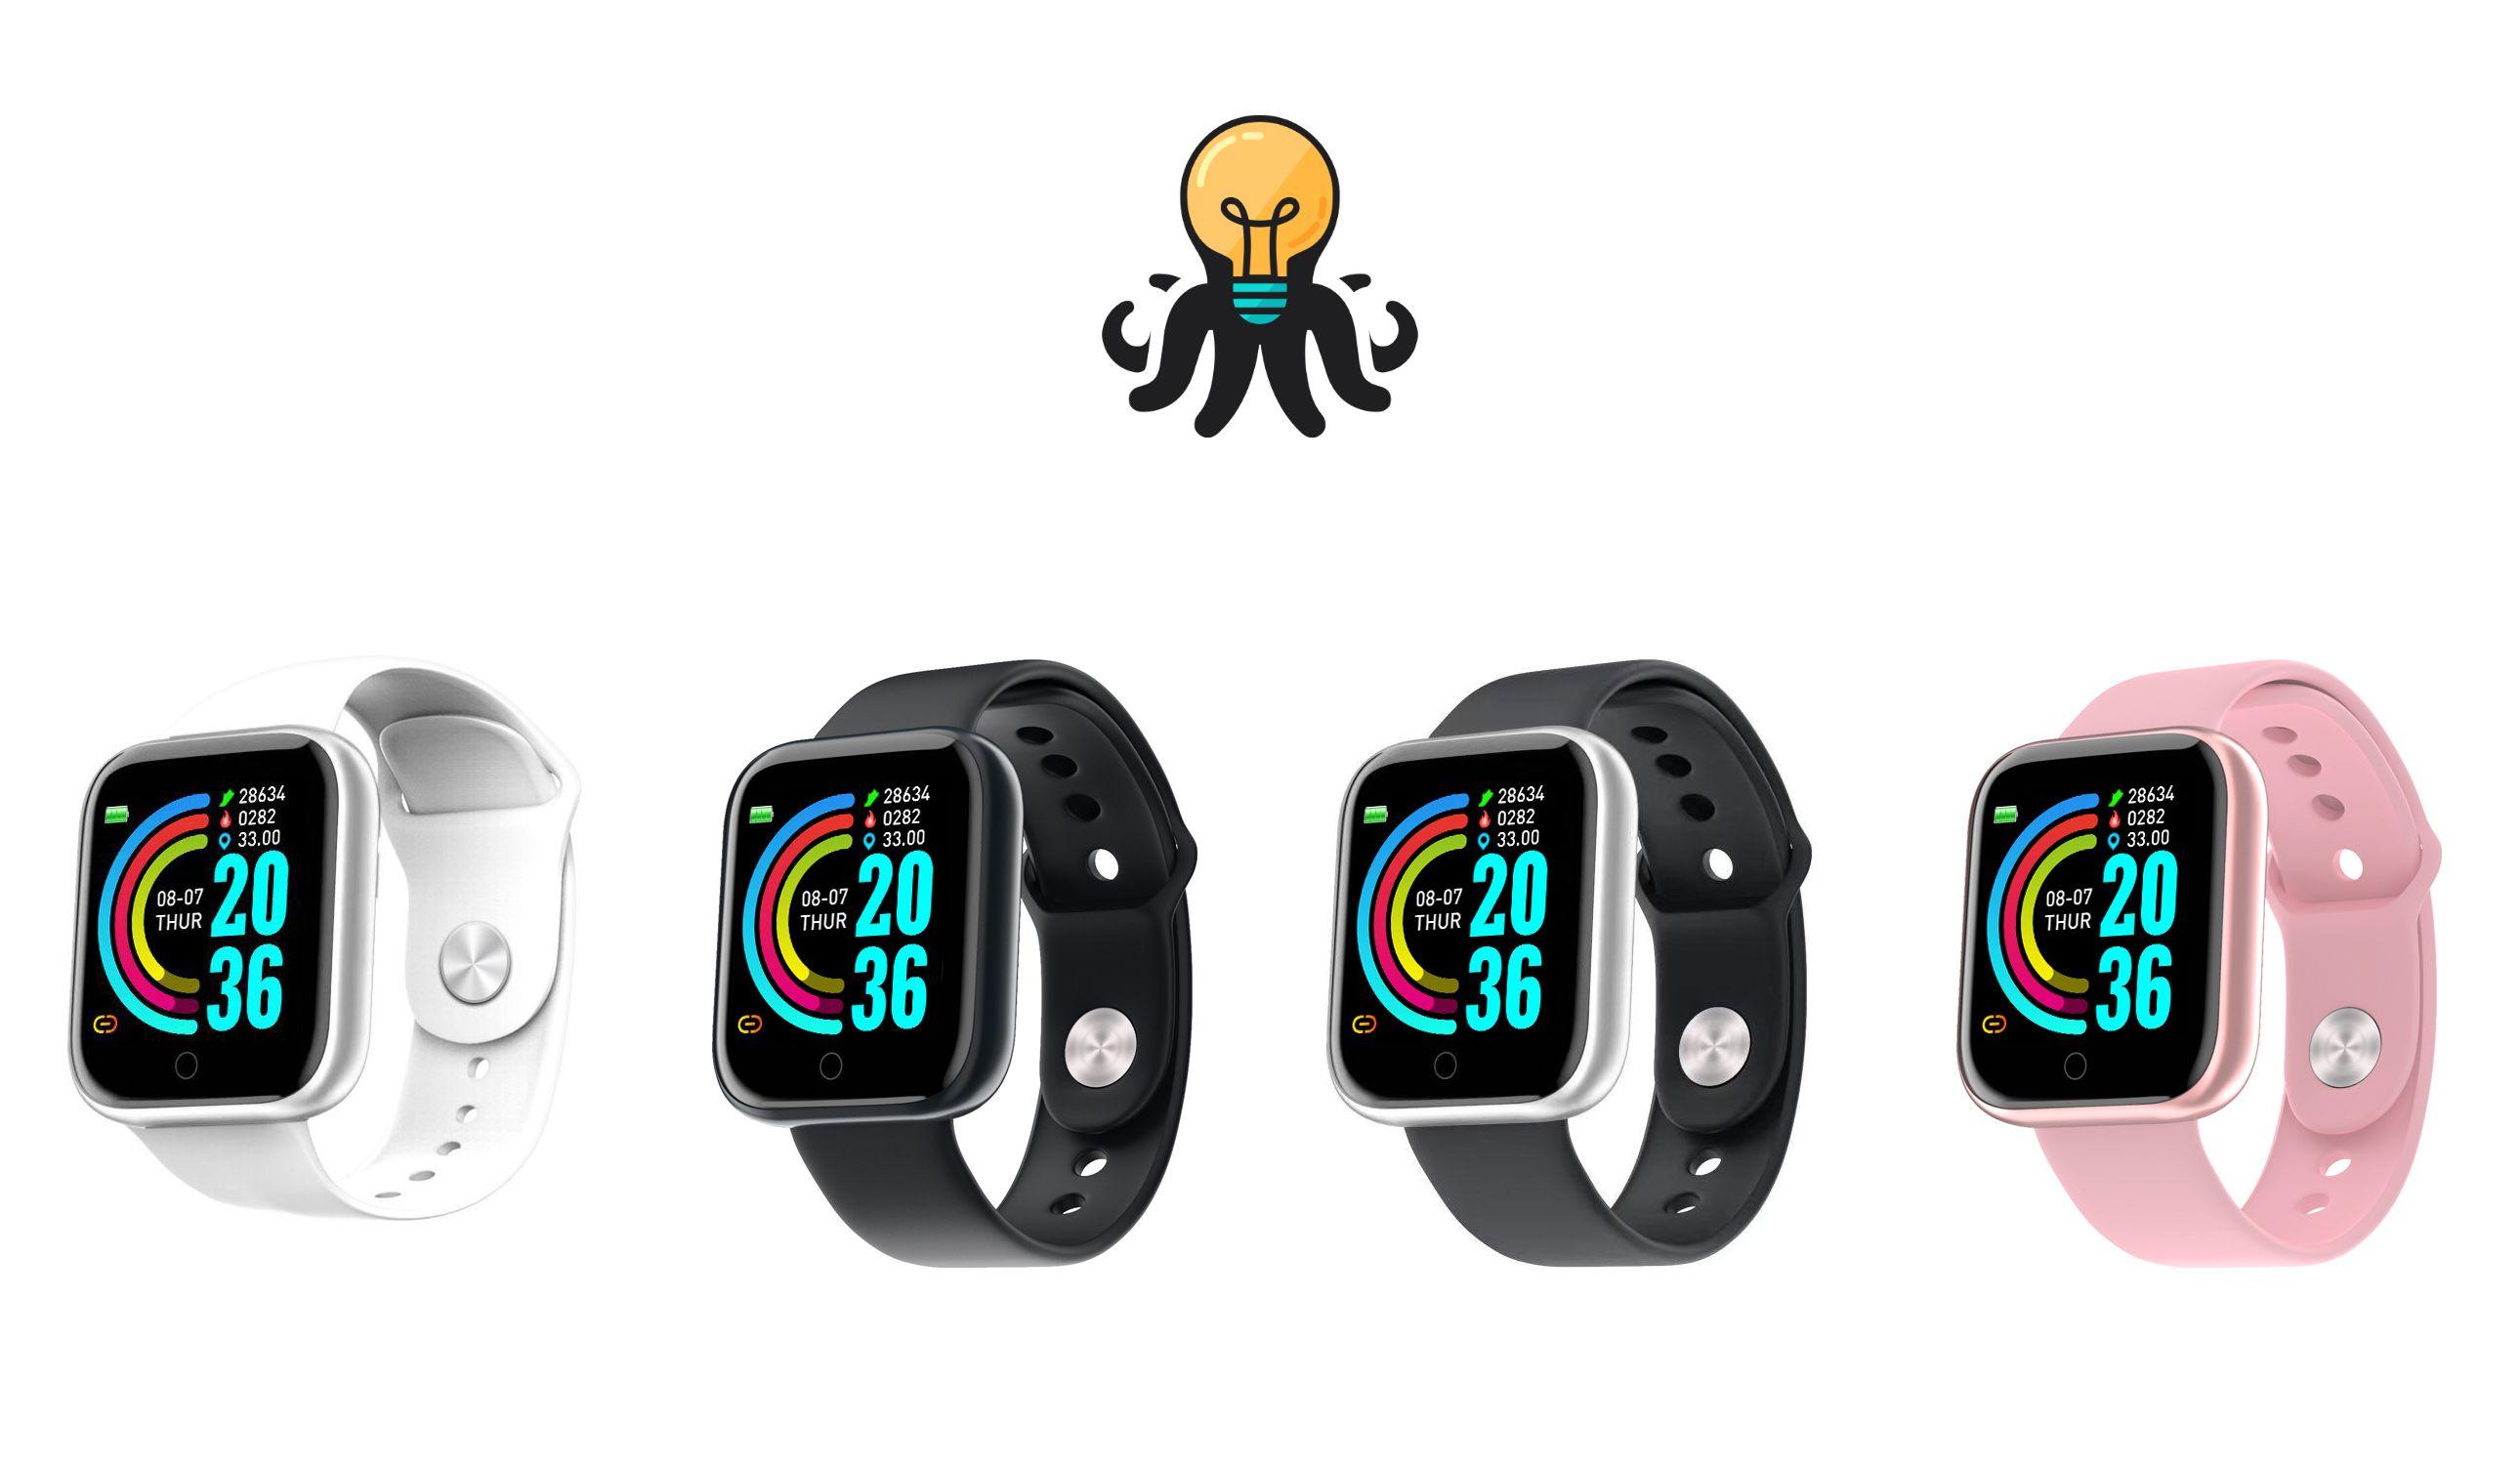 Hino T/S - Smart watch